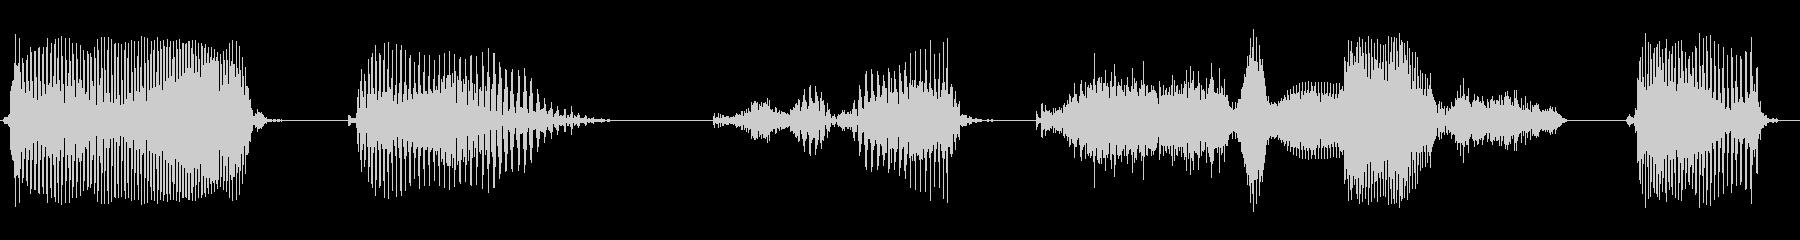 データを記録しましたの未再生の波形